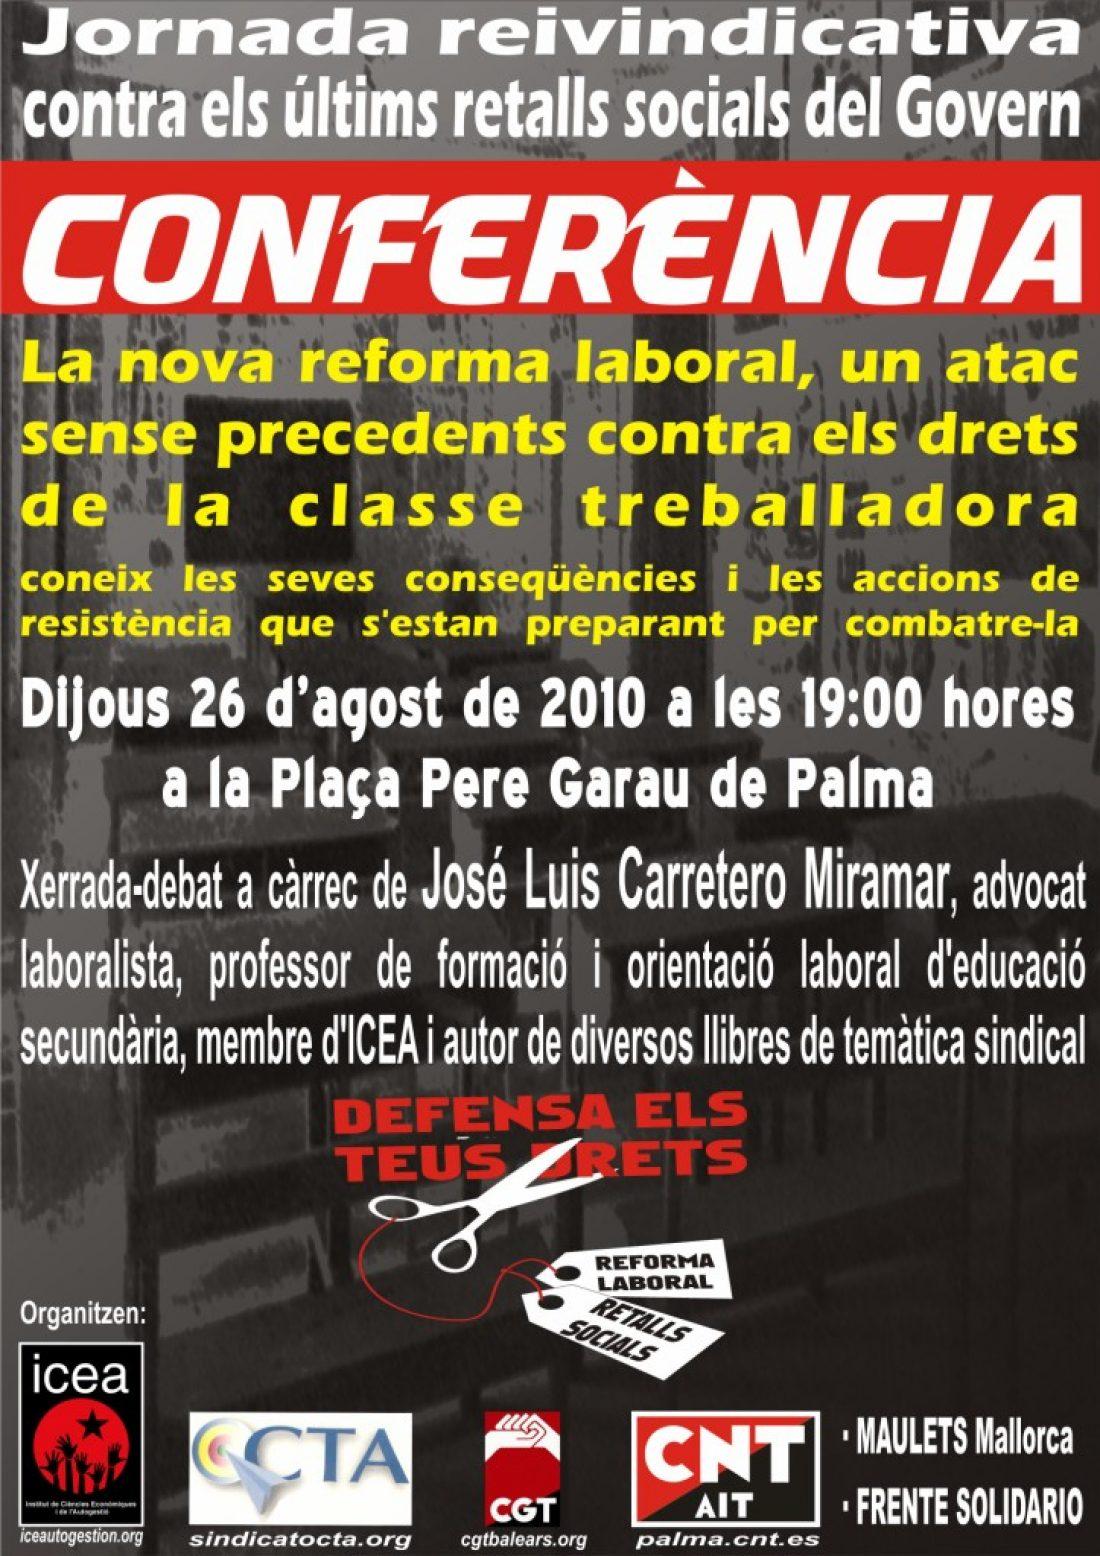 Palma, 26 de Agosto: Jornada reivindicativa y Conferencia sobre la reforma laboral